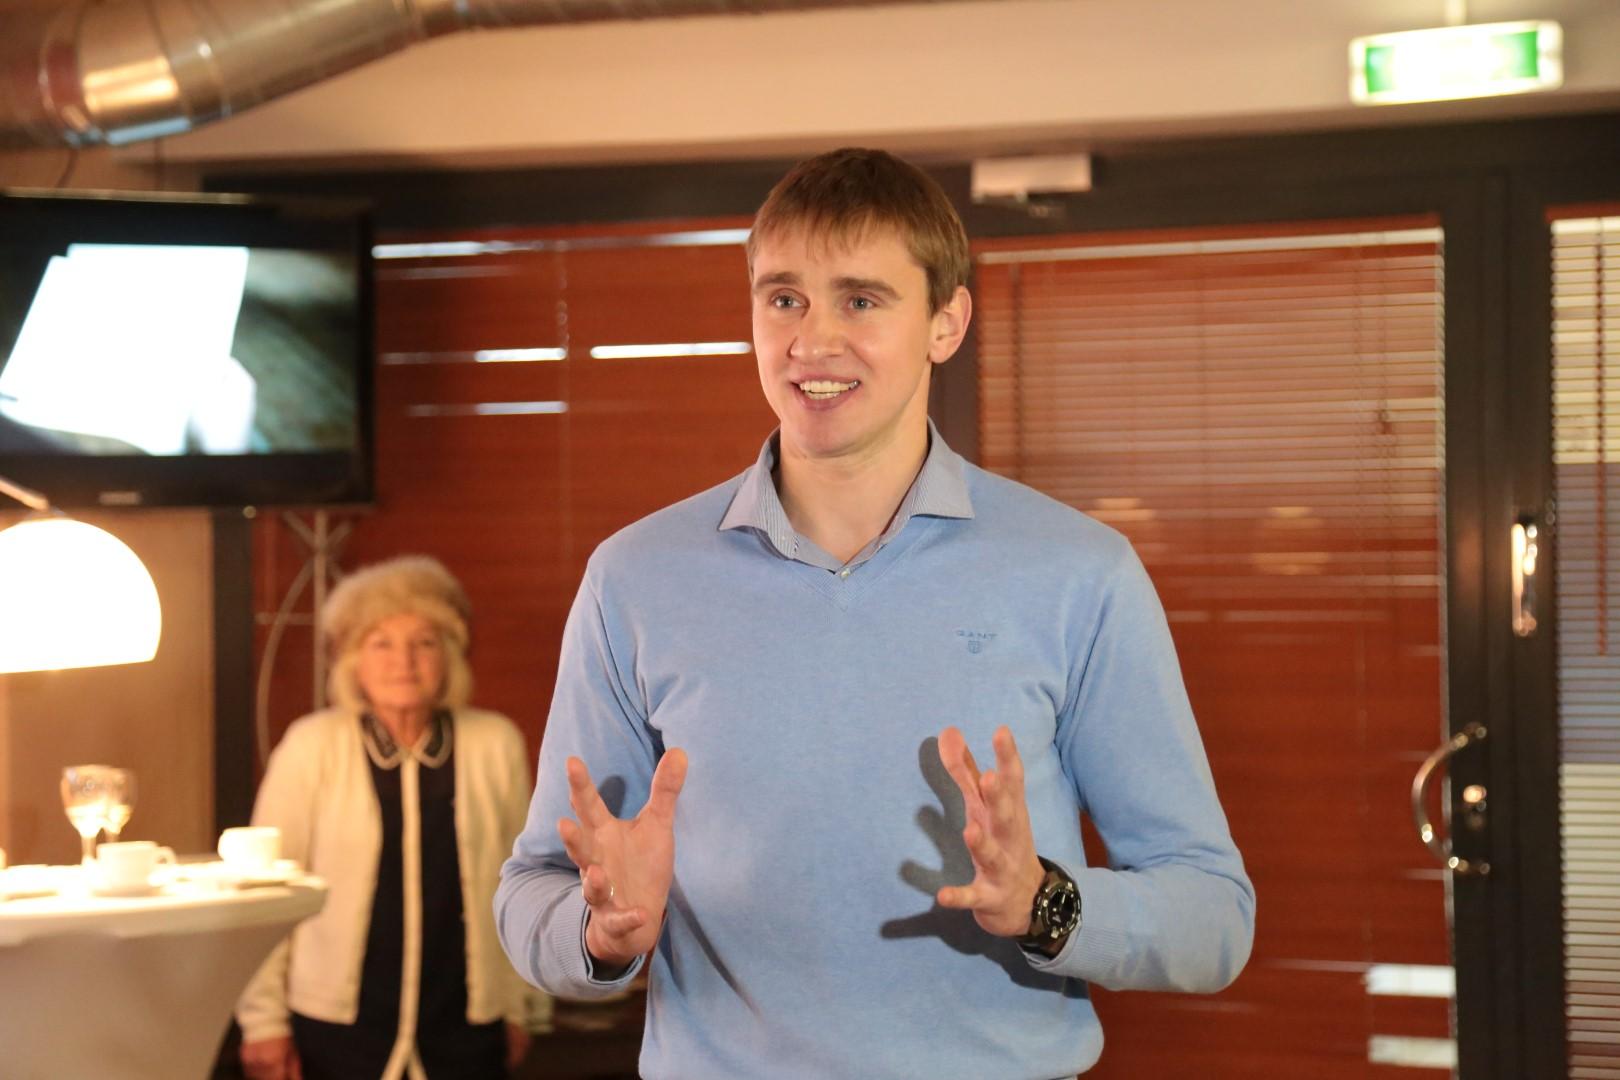 Novsjolov loobus vehklemiskoondise peatreeneri kohtast, tema asemel astub Peeter Nelis